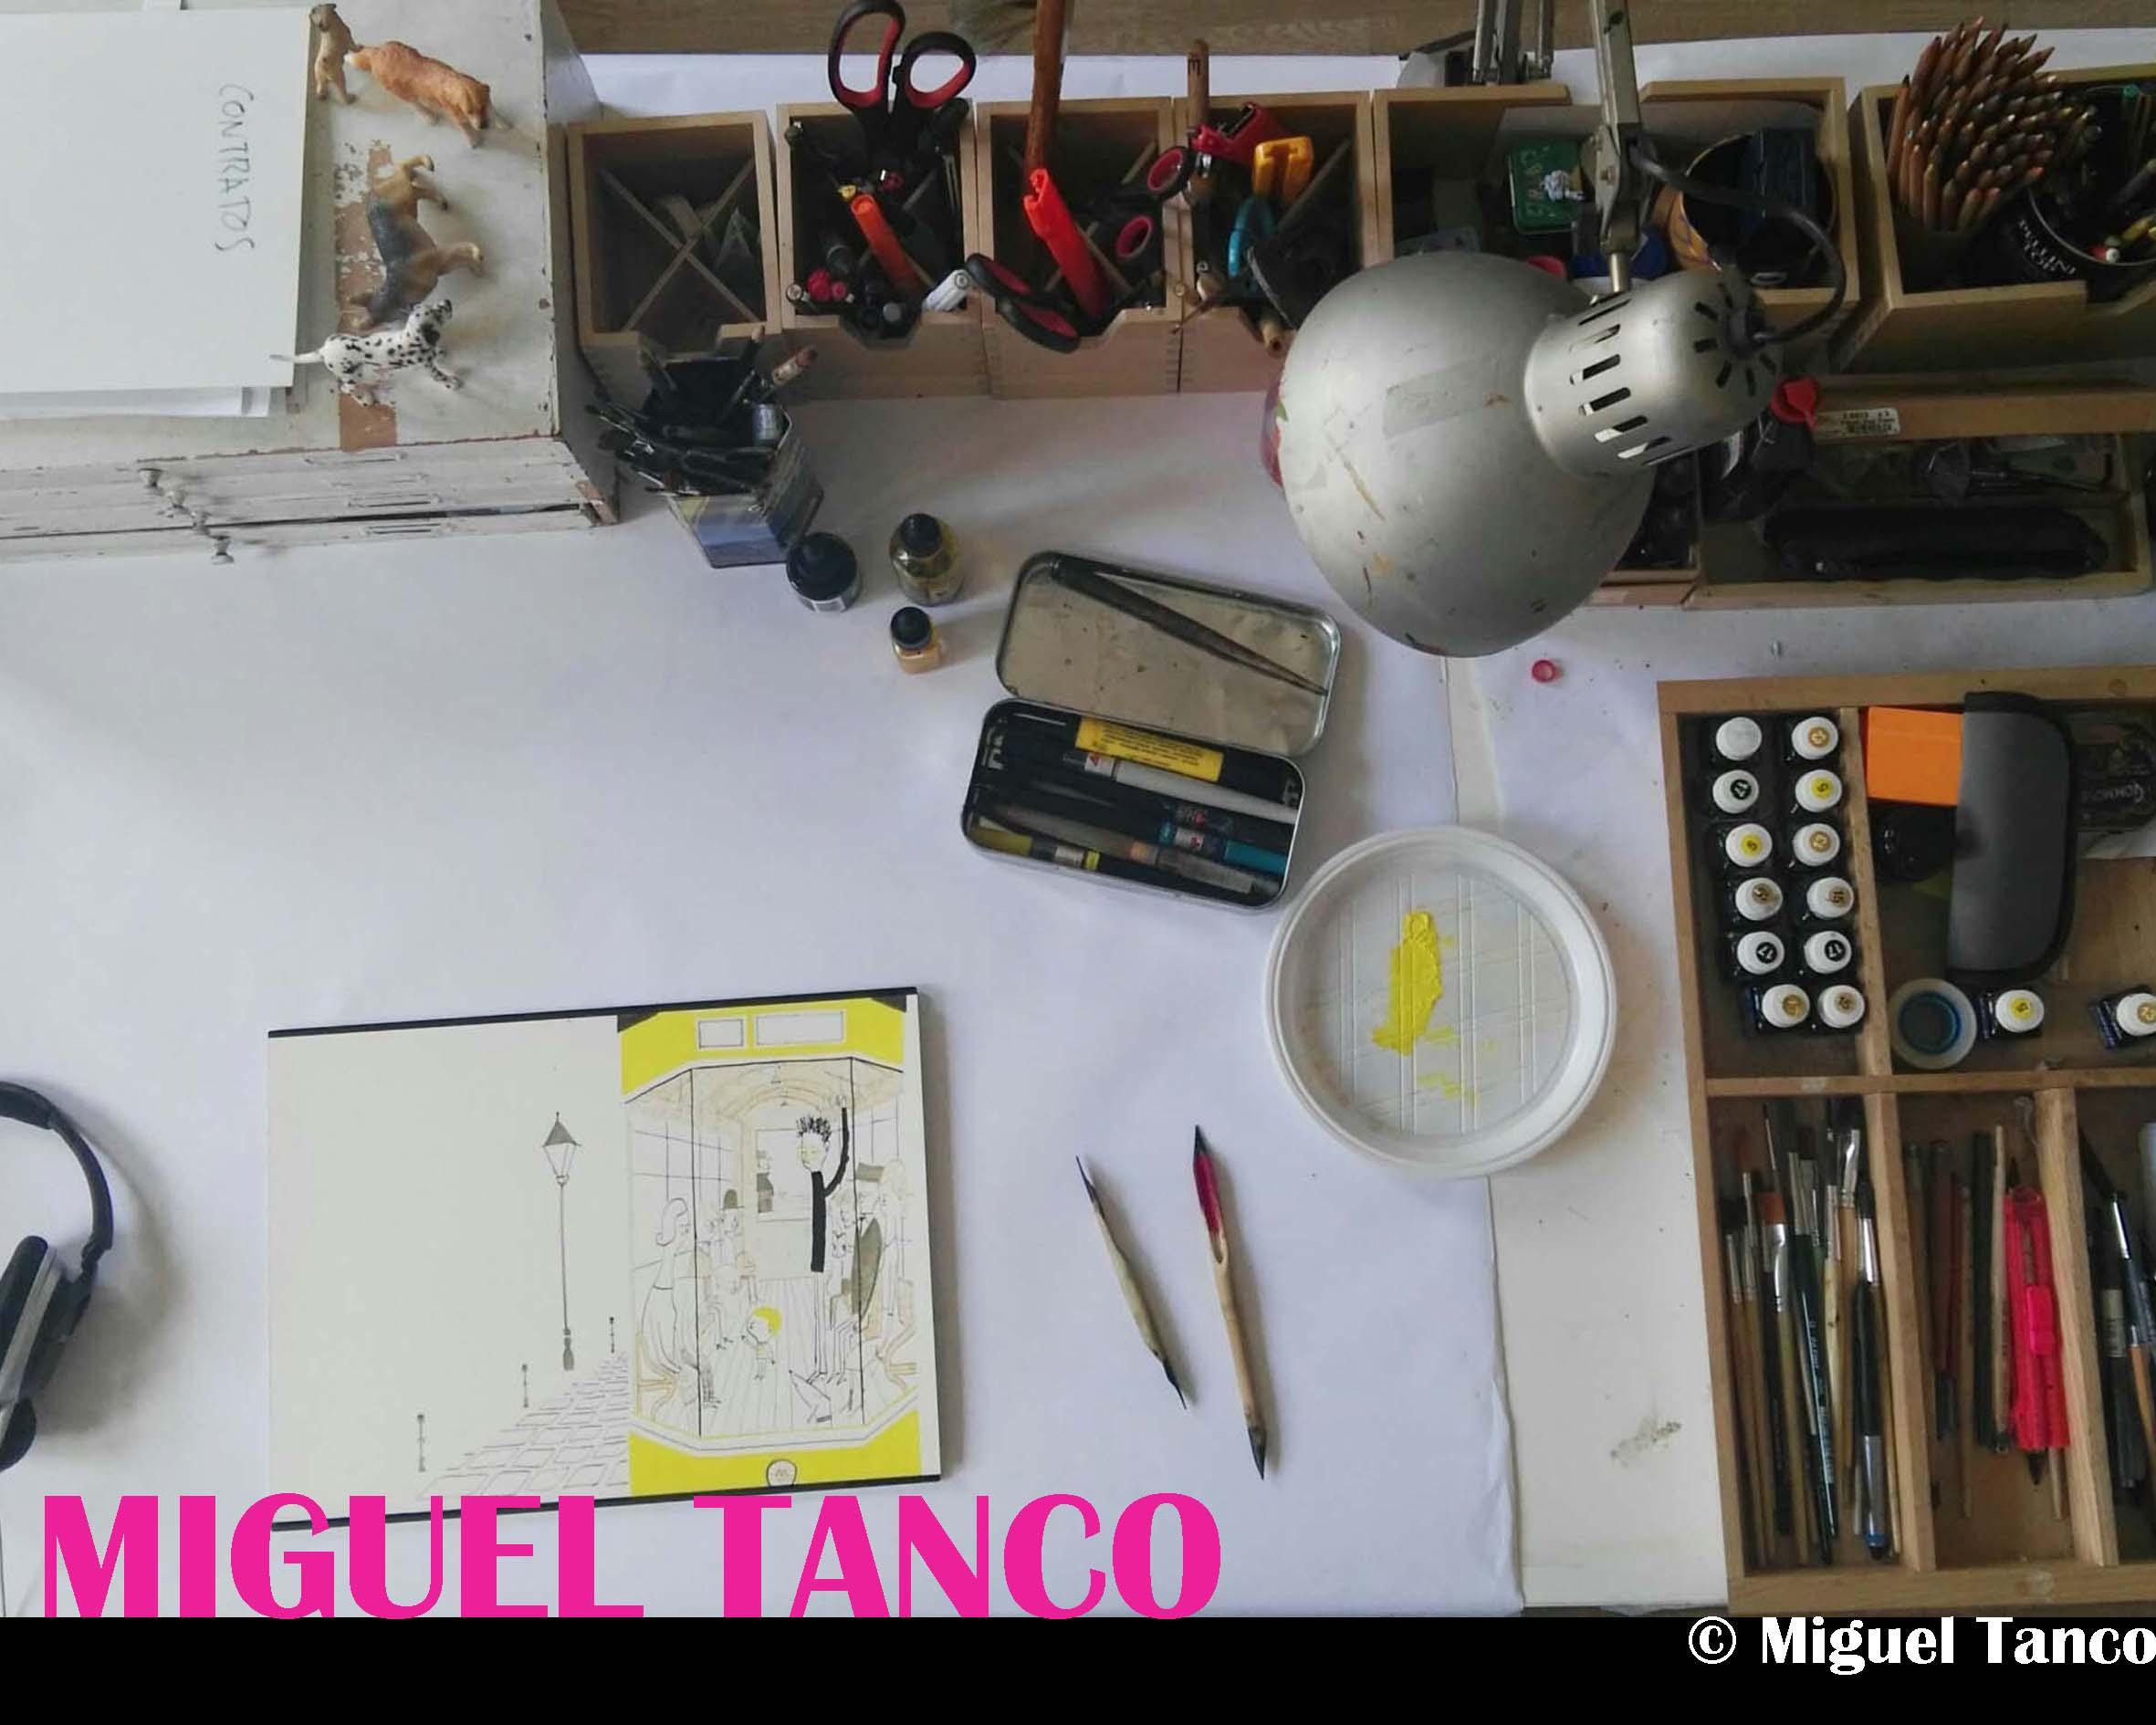 Miguel Tanco